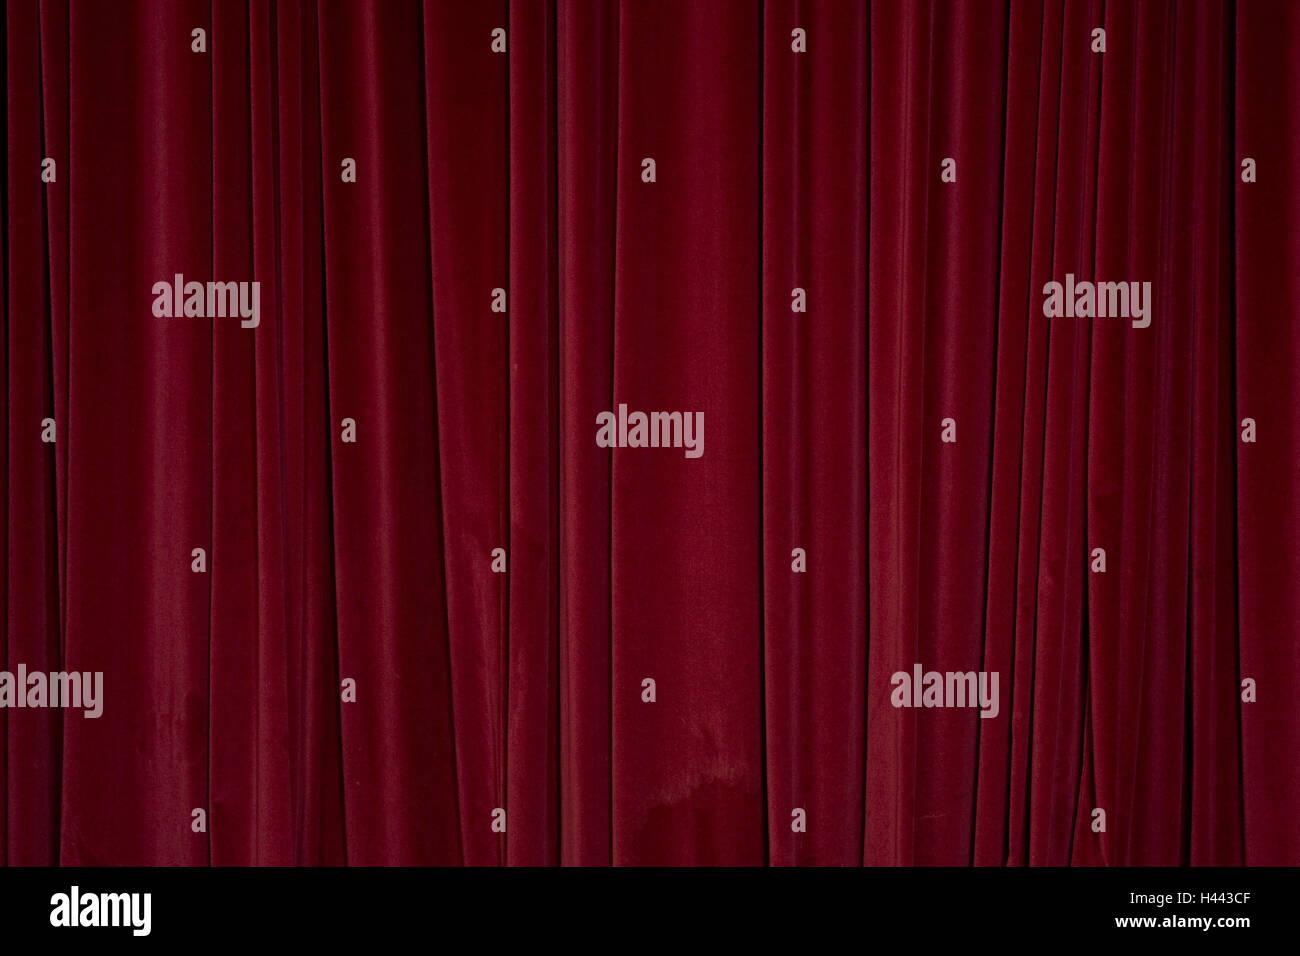 Vorhang Rot Geschlossen Samt Vorhang Vorhang Samt Drapierung